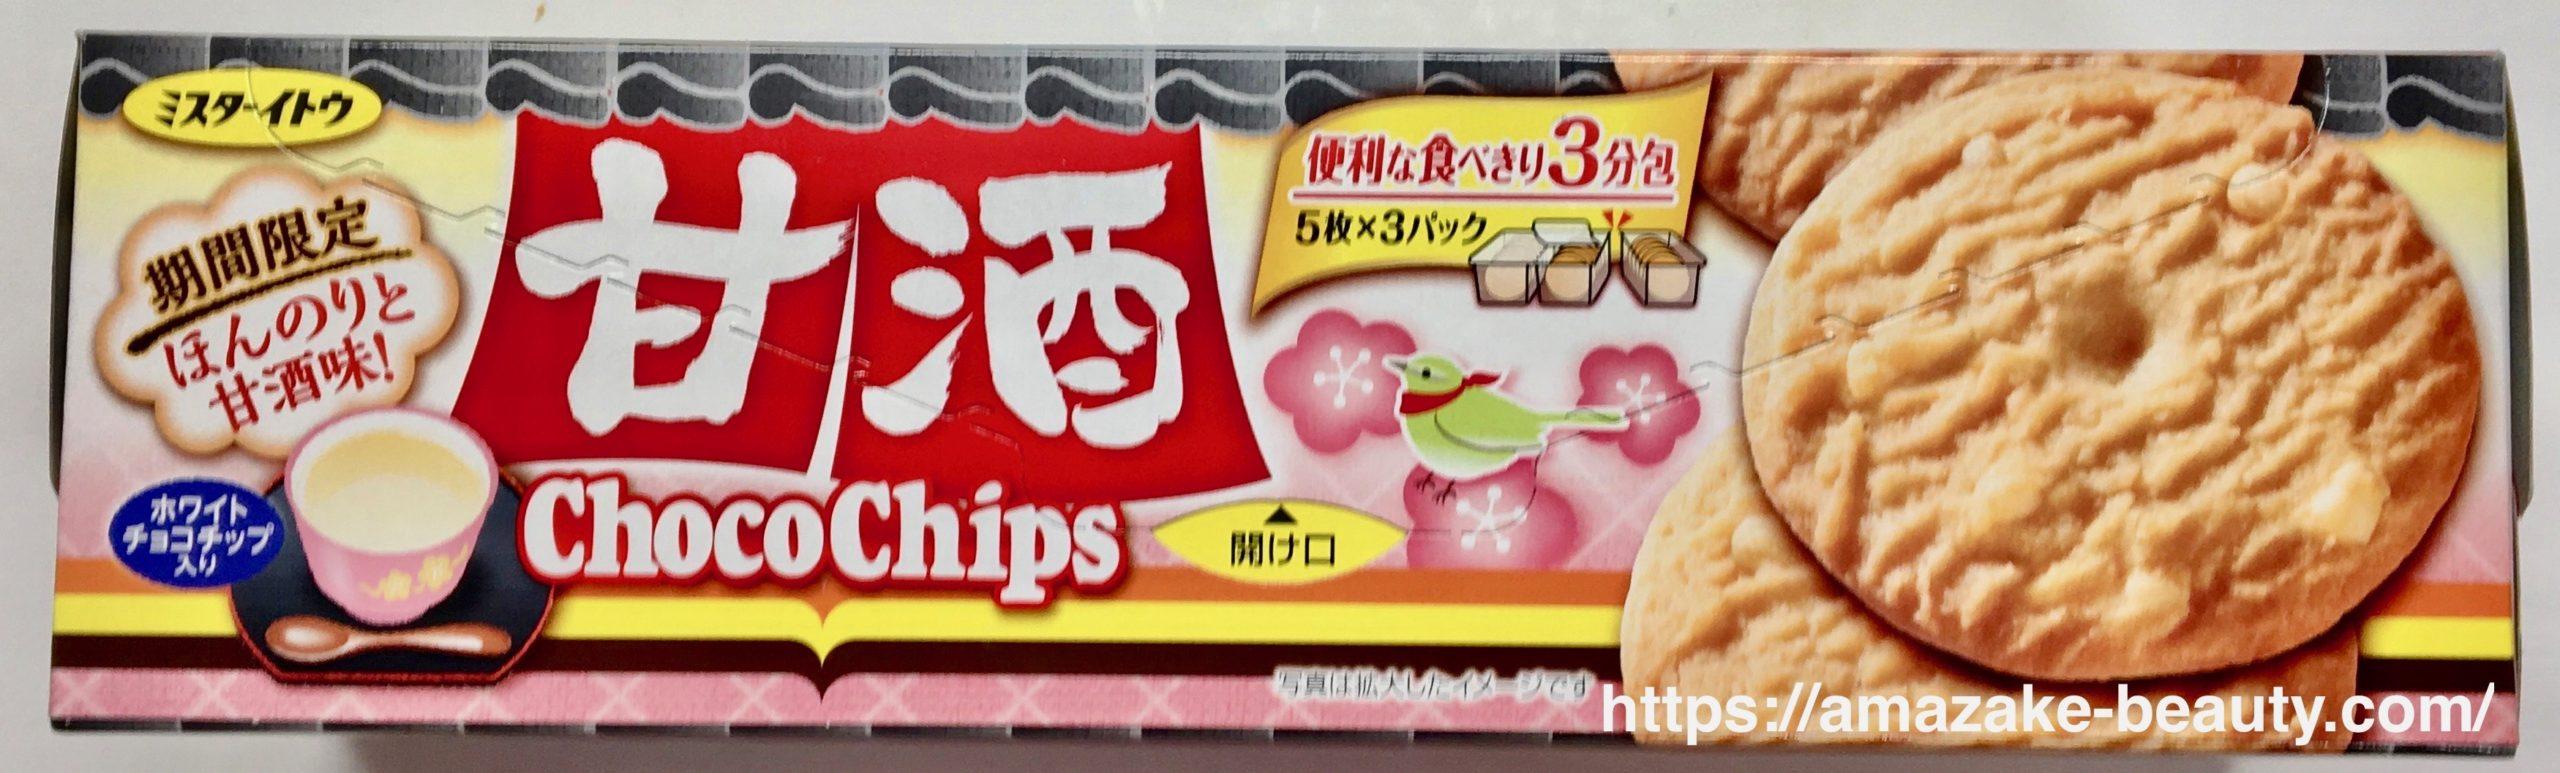 イトウ製菓『甘酒チョコチップクッキー』(パッケージデザイン)